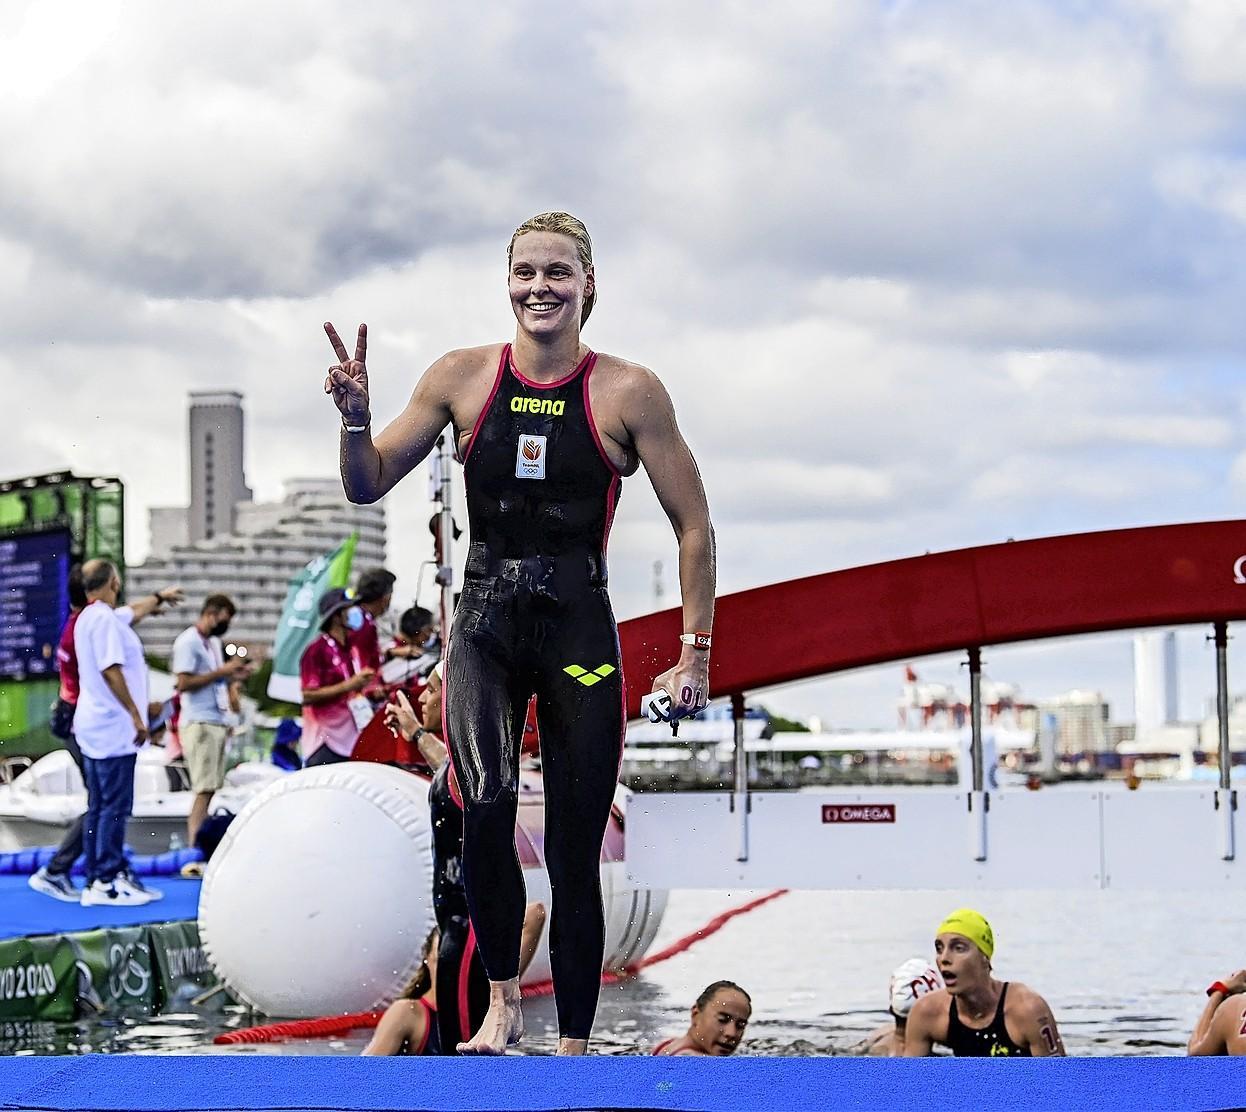 Niet te hebberig zijn loont. Openwaterzwemster Sharon van Rouwendaal neemt geen risico's in het warme water bij Tokio en wordt beloond met zilveren medaille.